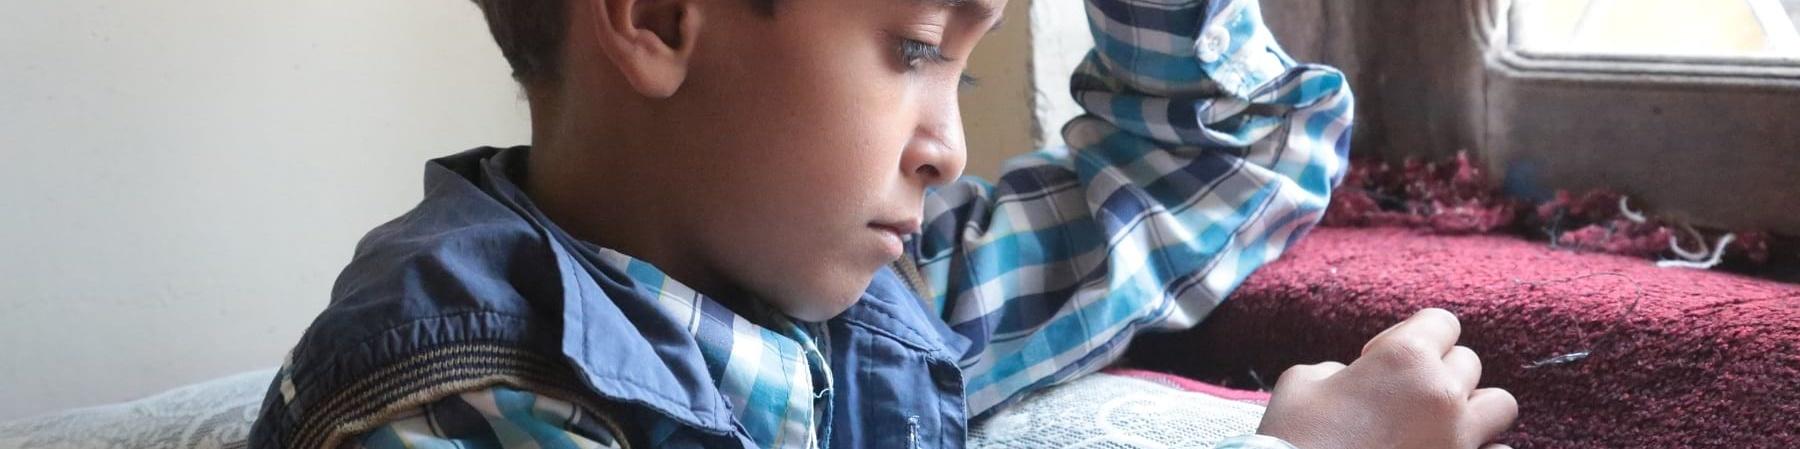 Bambino yemenita seduto di profilo vicino a una finestra guarda verso il basso